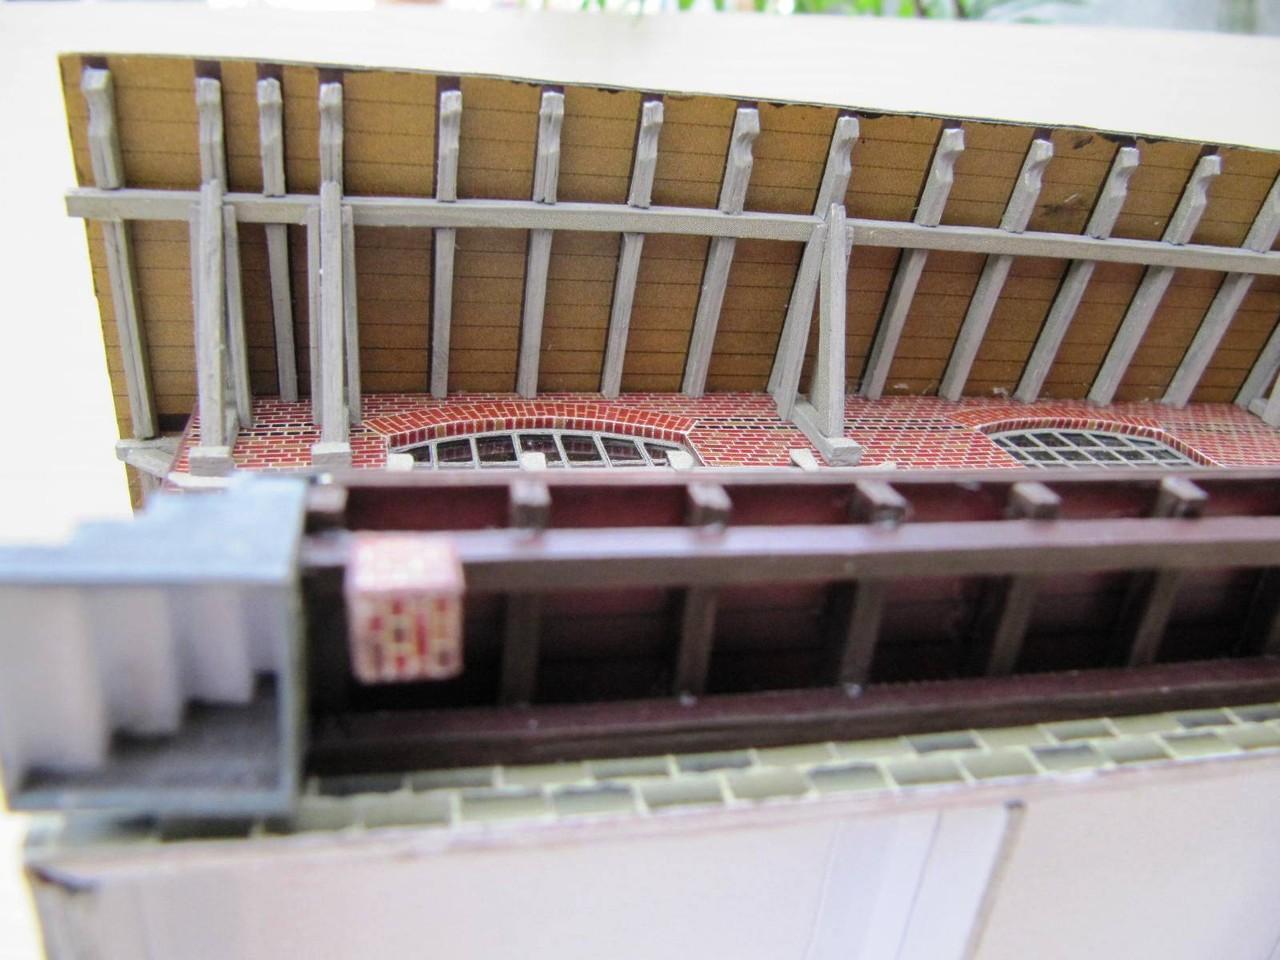 (c) W. Fehse - gewaltige Stütz- und Dachkonstruktion 1:87 (H0)